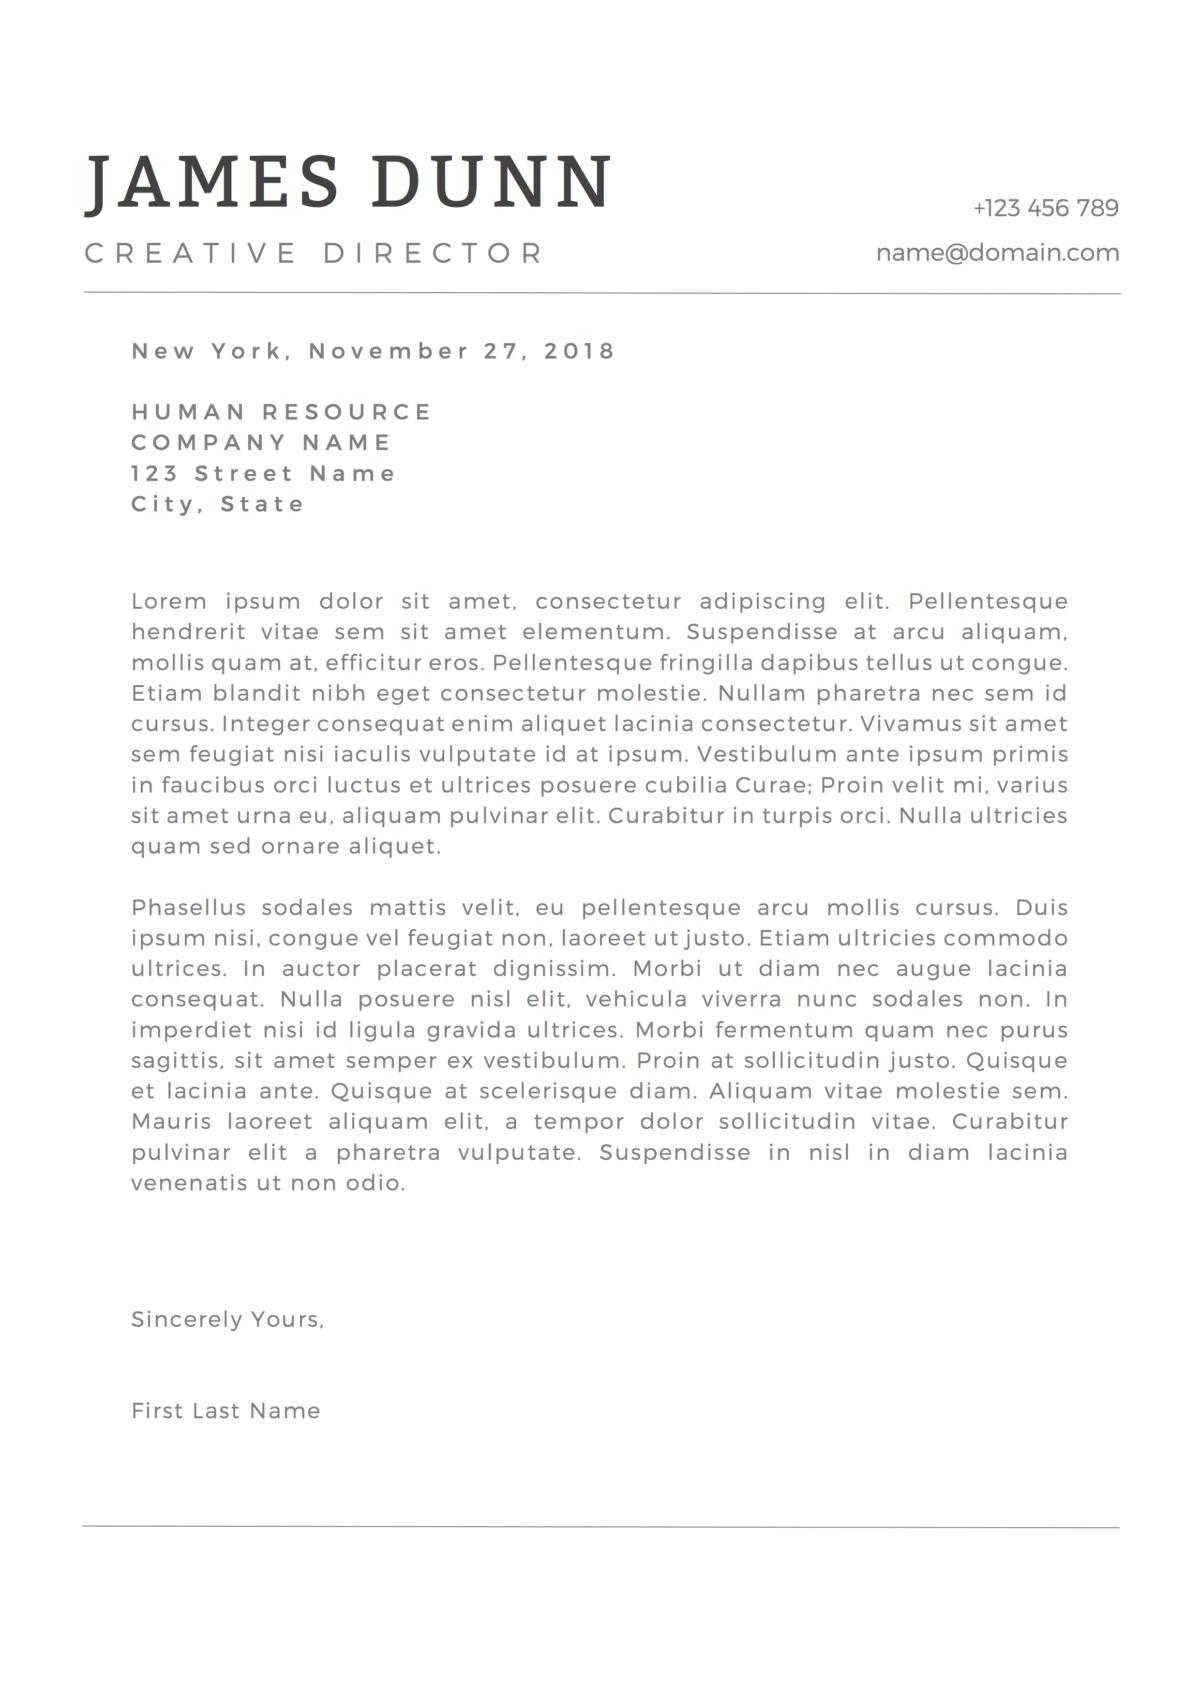 James Dunn Cover Letter